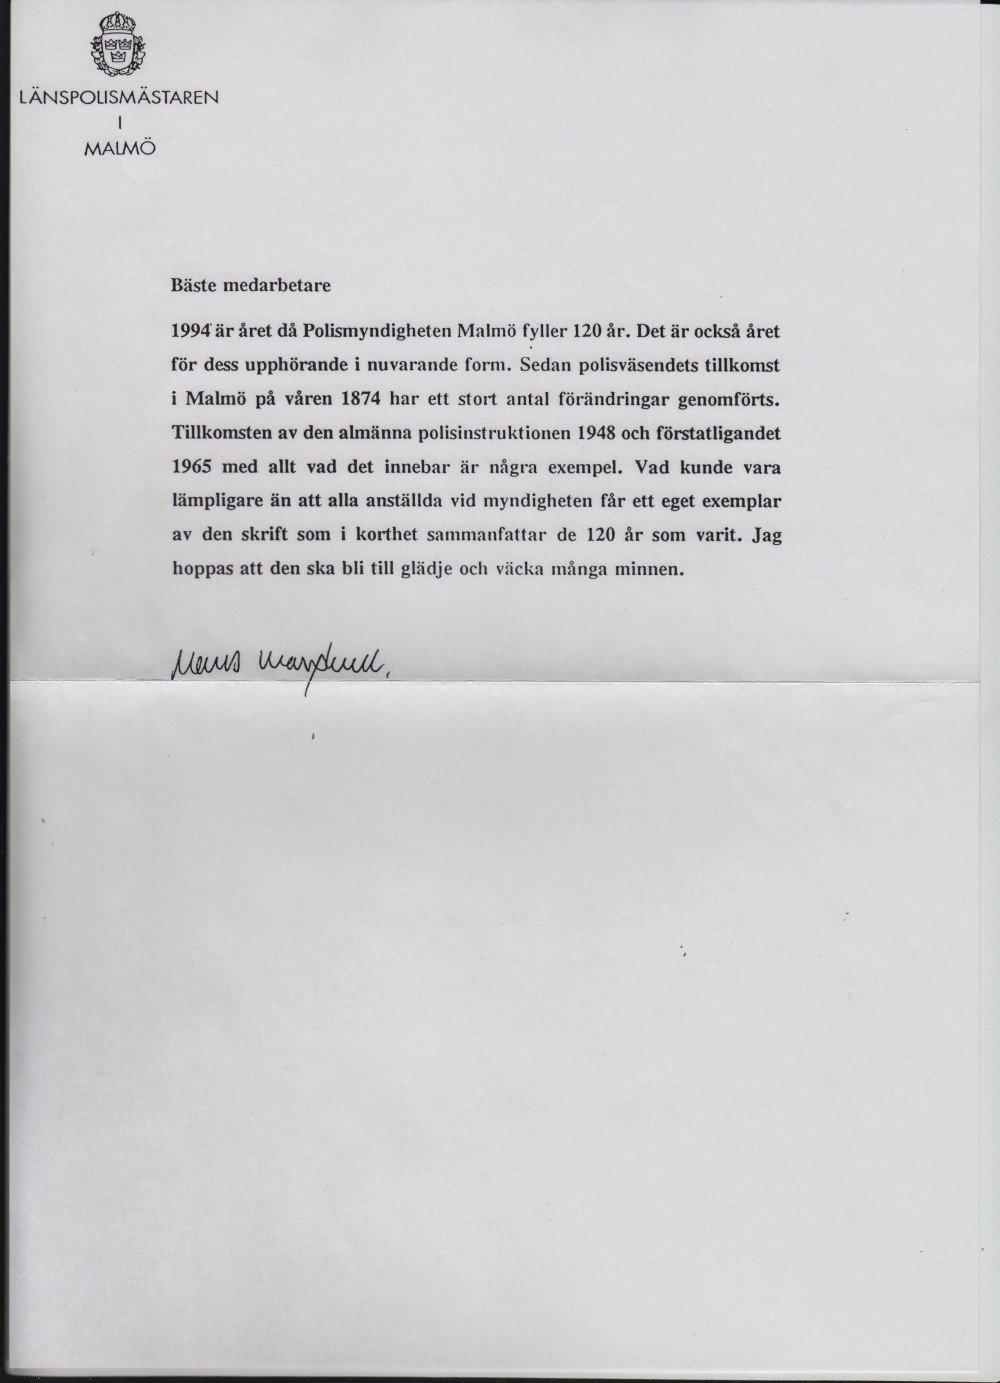 Malmöpolisen 120 år